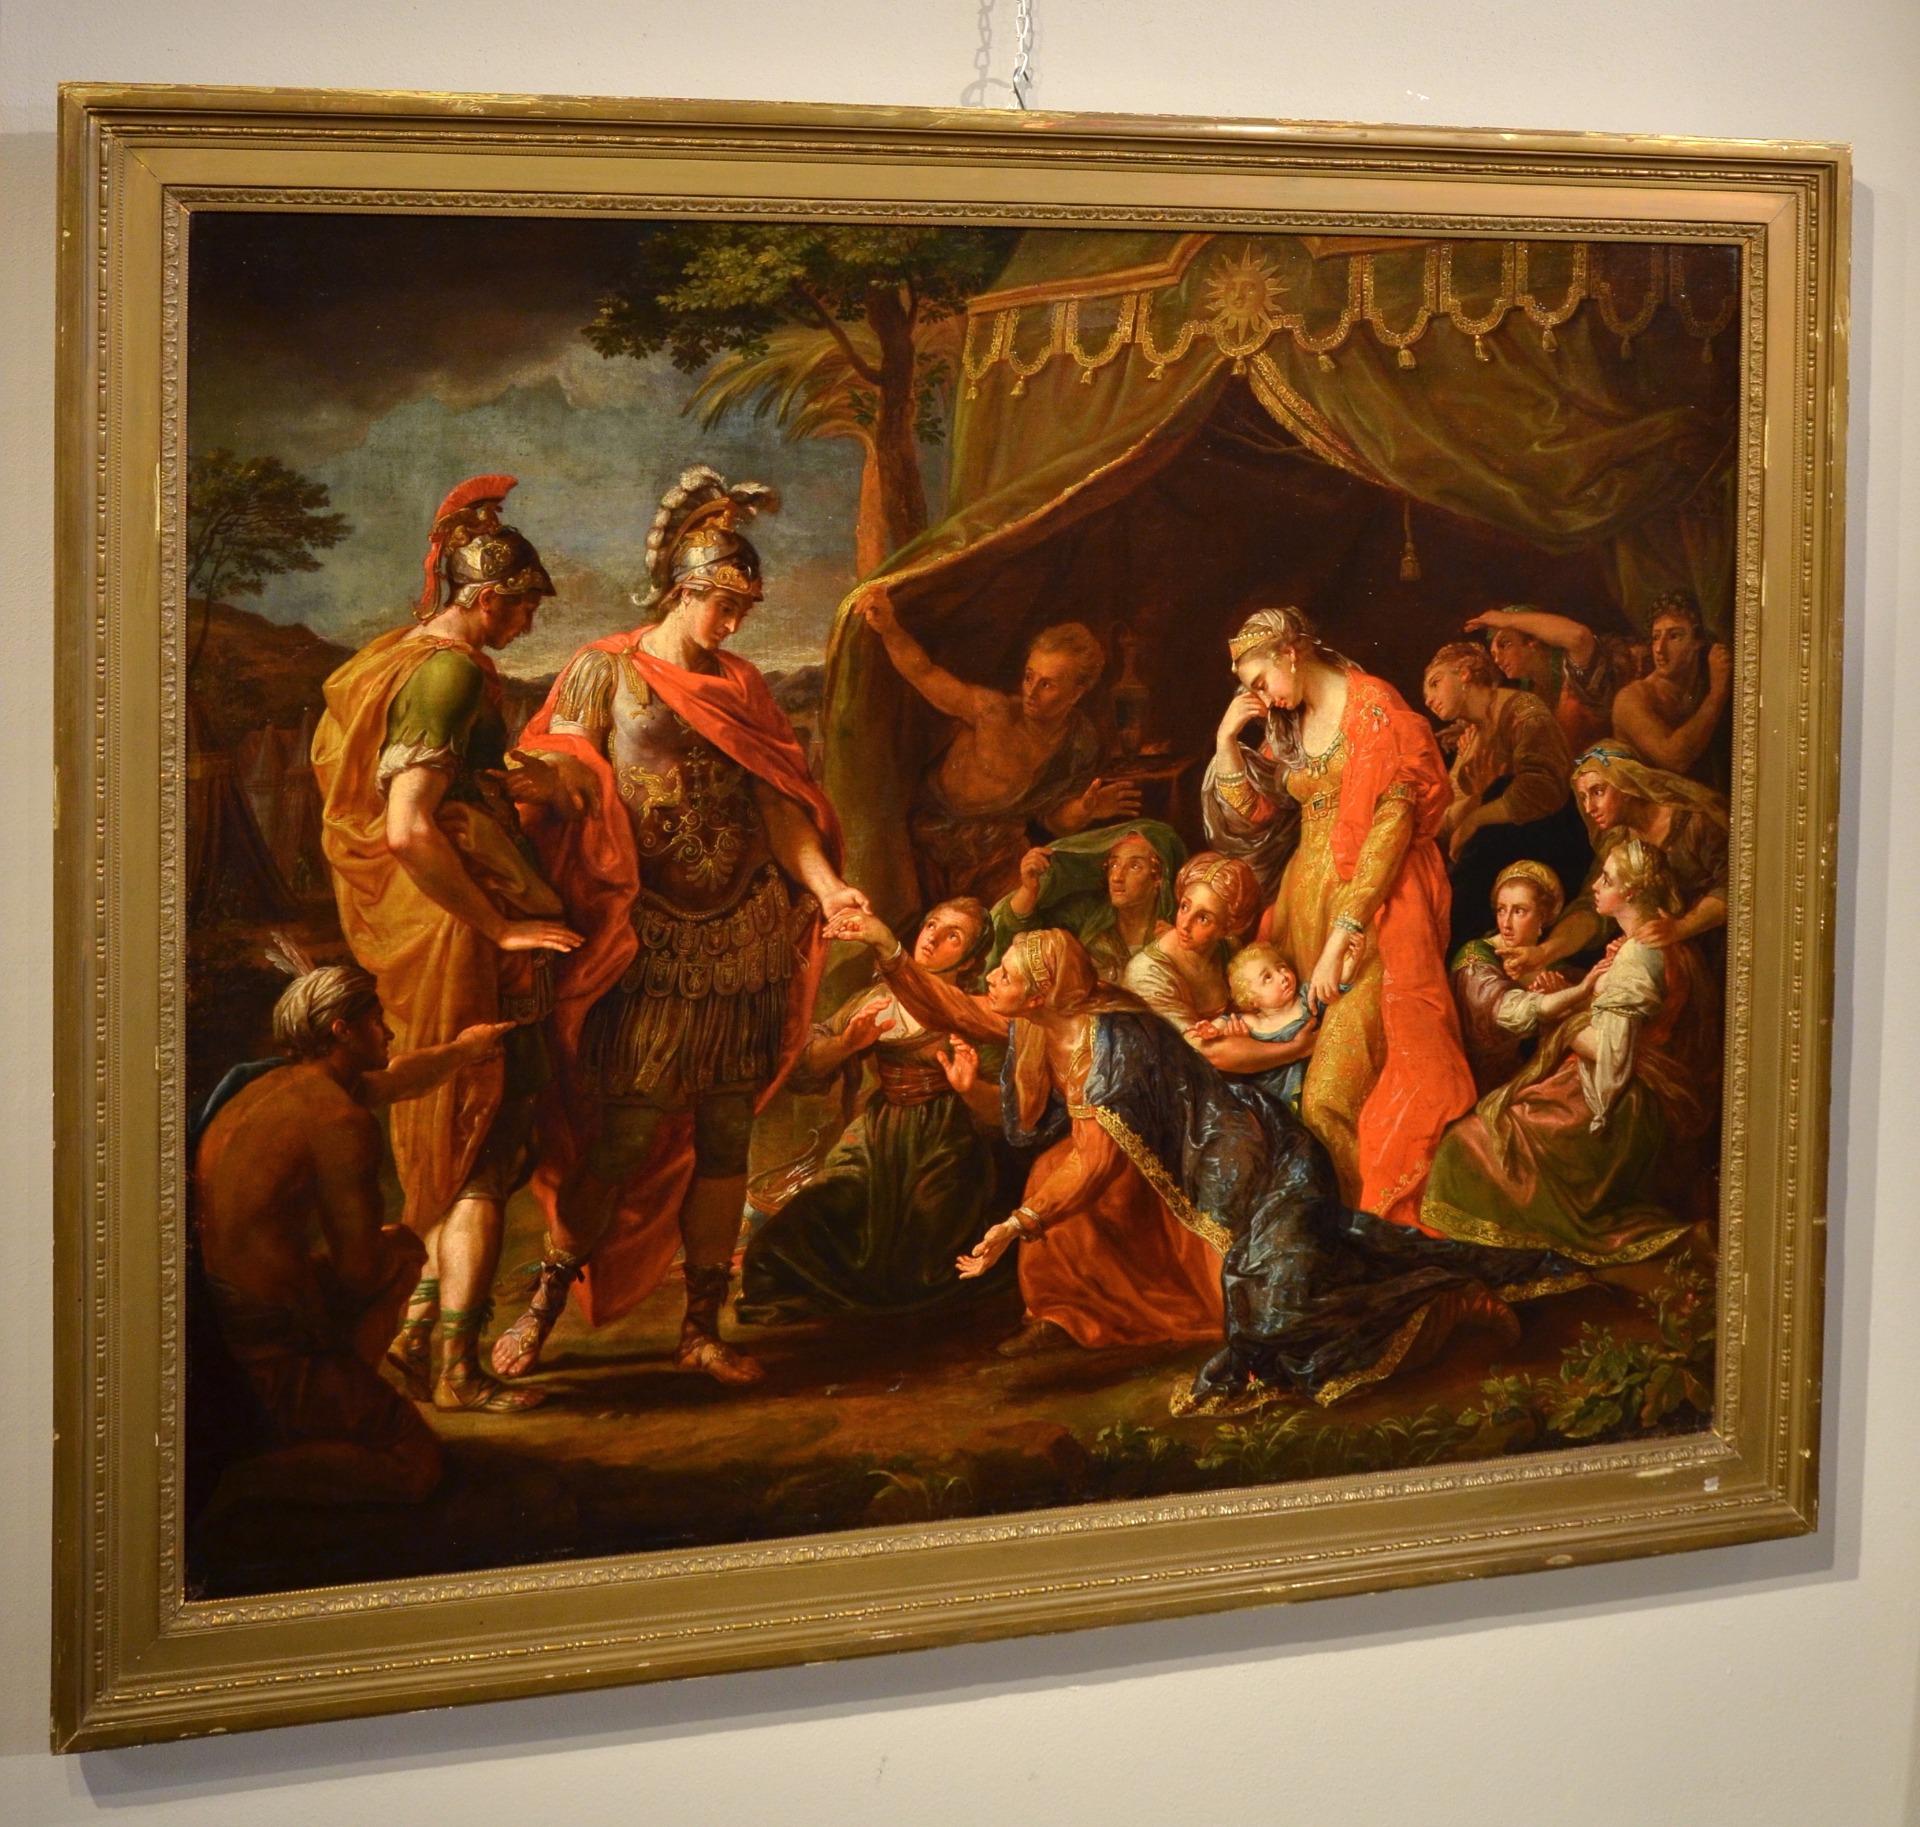 thumb2|Alessandro Magno visita la famiglia di Dario, Pompeo Girolamo Batoni (Lucca 1708 – Roma 1787) e bottega (VENDUTO)